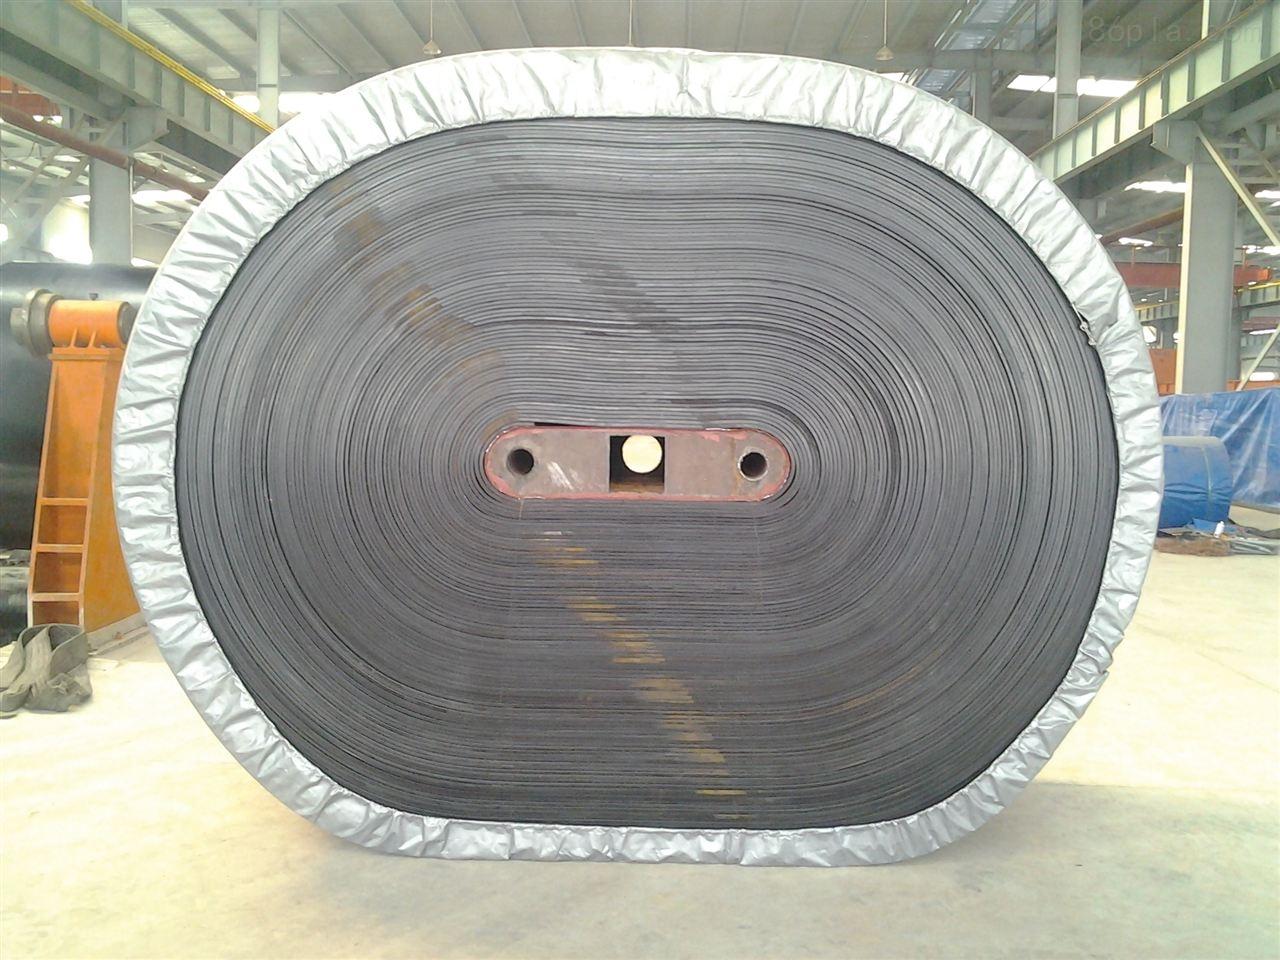 钢丝绳输送带 钢丝绳输送带的这些优点是别的输送带所不具备的具有防霉、防蛀、防老化、耐热性好、抗撕裂强度高以及带面用坏后可以翻新等长处,就其普遍详细性能,为大家介绍: 钢丝绳输送带是以钢绳芯衬垫覆盖橡胶制成的输送带作为带式输送机的牵引和运载构件。 钢丝绳输送带的特点:拉伸强度大,抗冲击力好,寿命长,使用伸长率小,成槽性好,耐曲挠性好,适用于长距离、大运量、高速度输送物料。该产品是由芯胶、钢丝绳、覆盖层和边胶构成。 钢丝绳输送带的用途:可广泛的用于煤炭、矿山、港口、冶金、电力、化工等领域物料输送。 钢丝绳输送